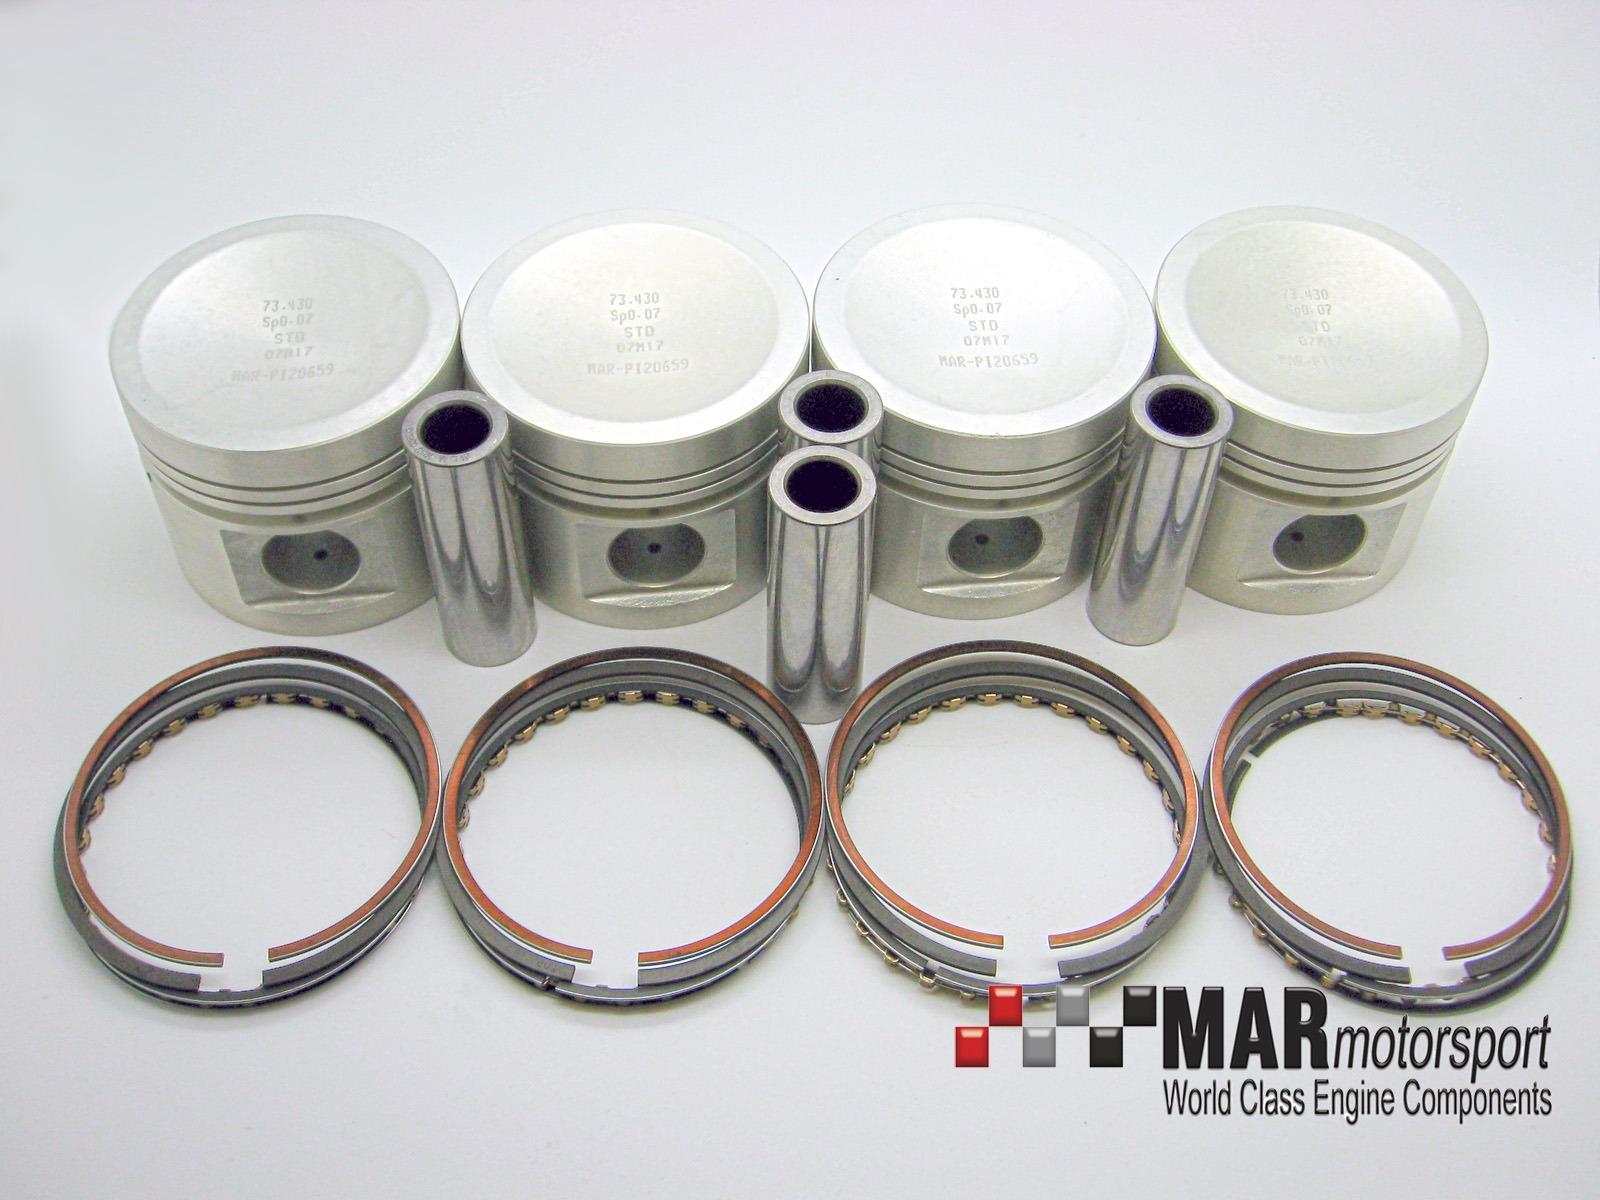 73.50mm Classic Mini Pistons – 1380cc